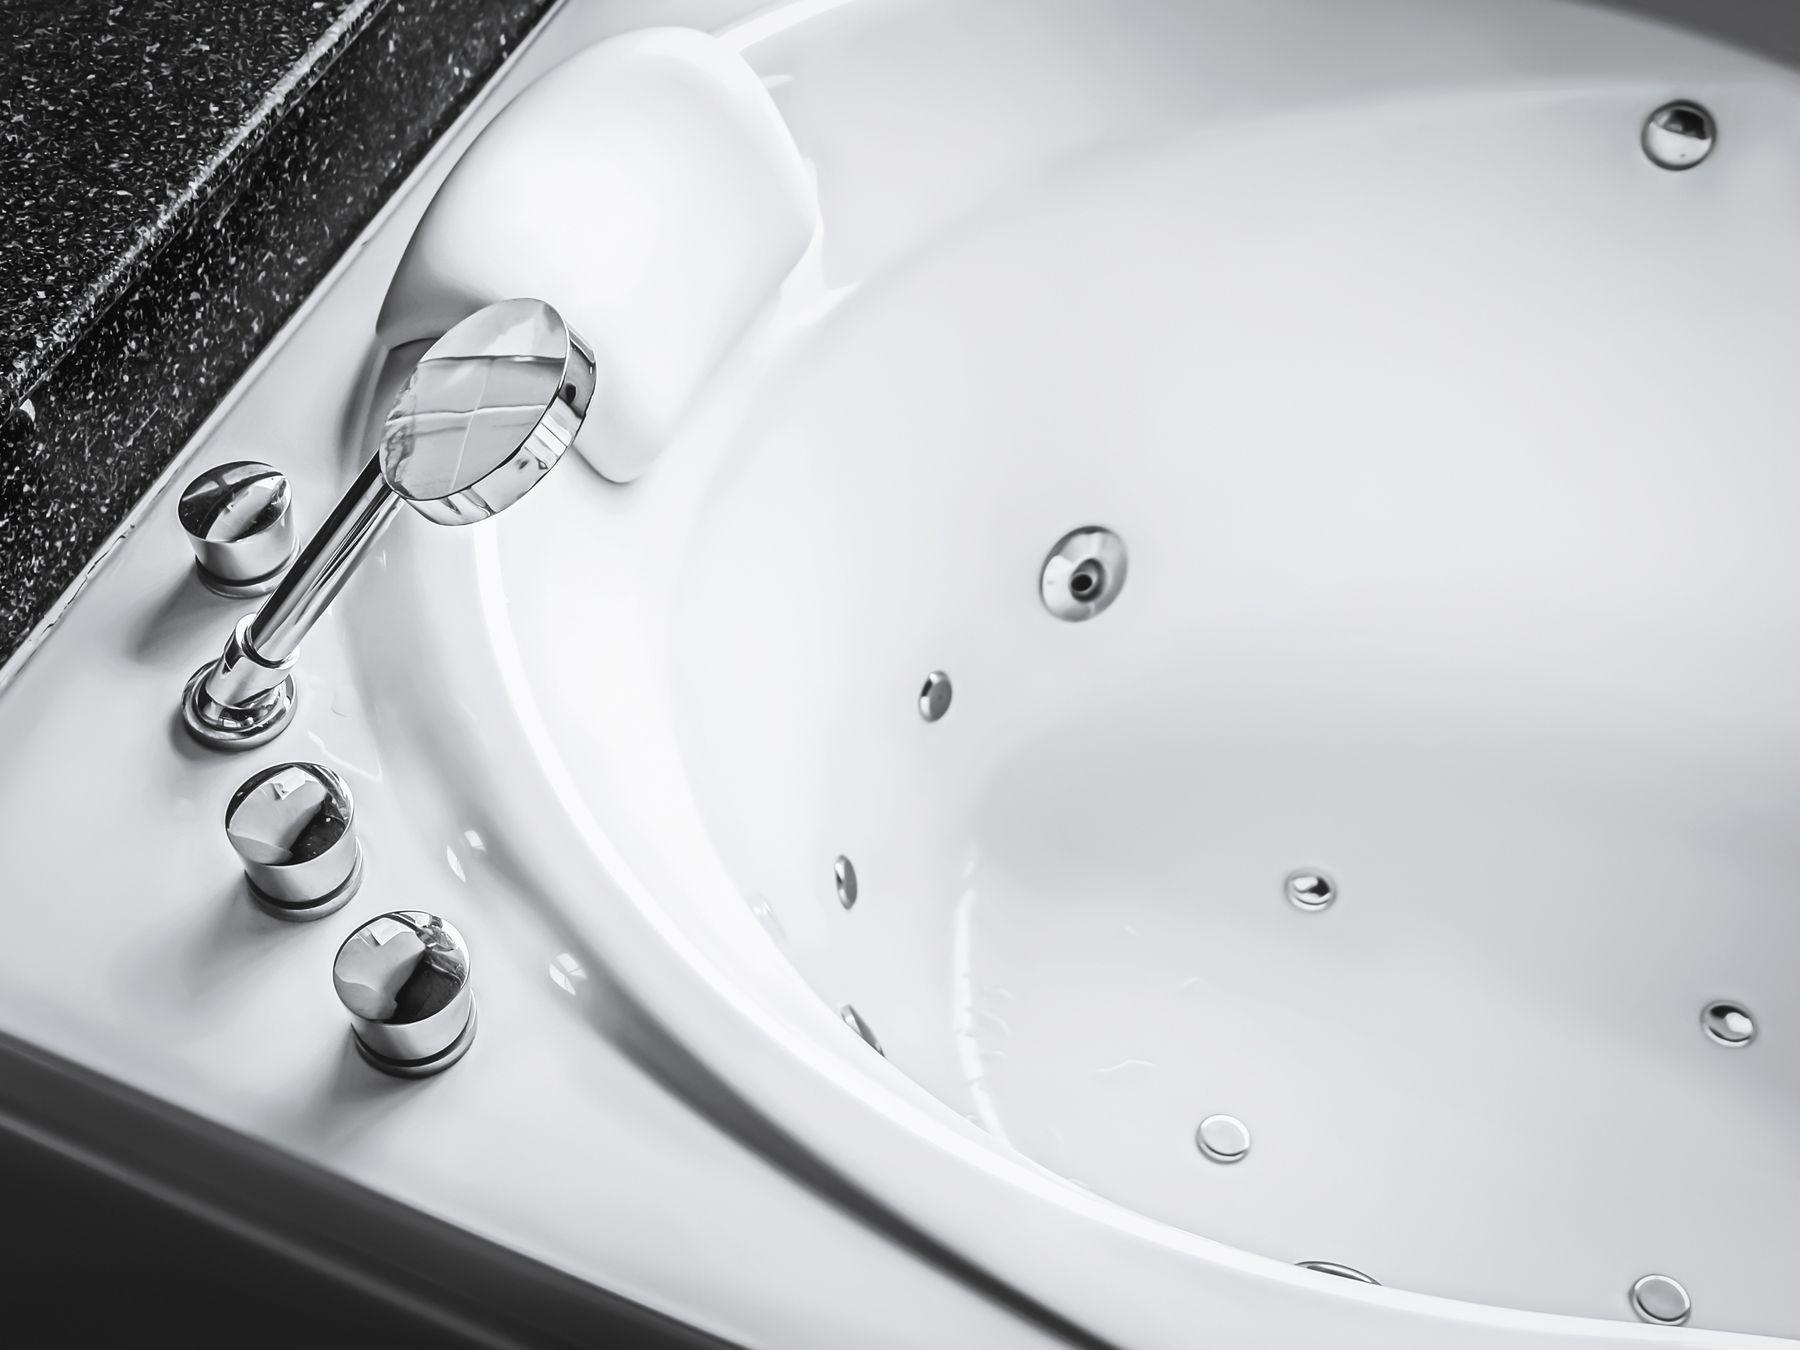 Daha Az Su Nasıl Kullanılır?